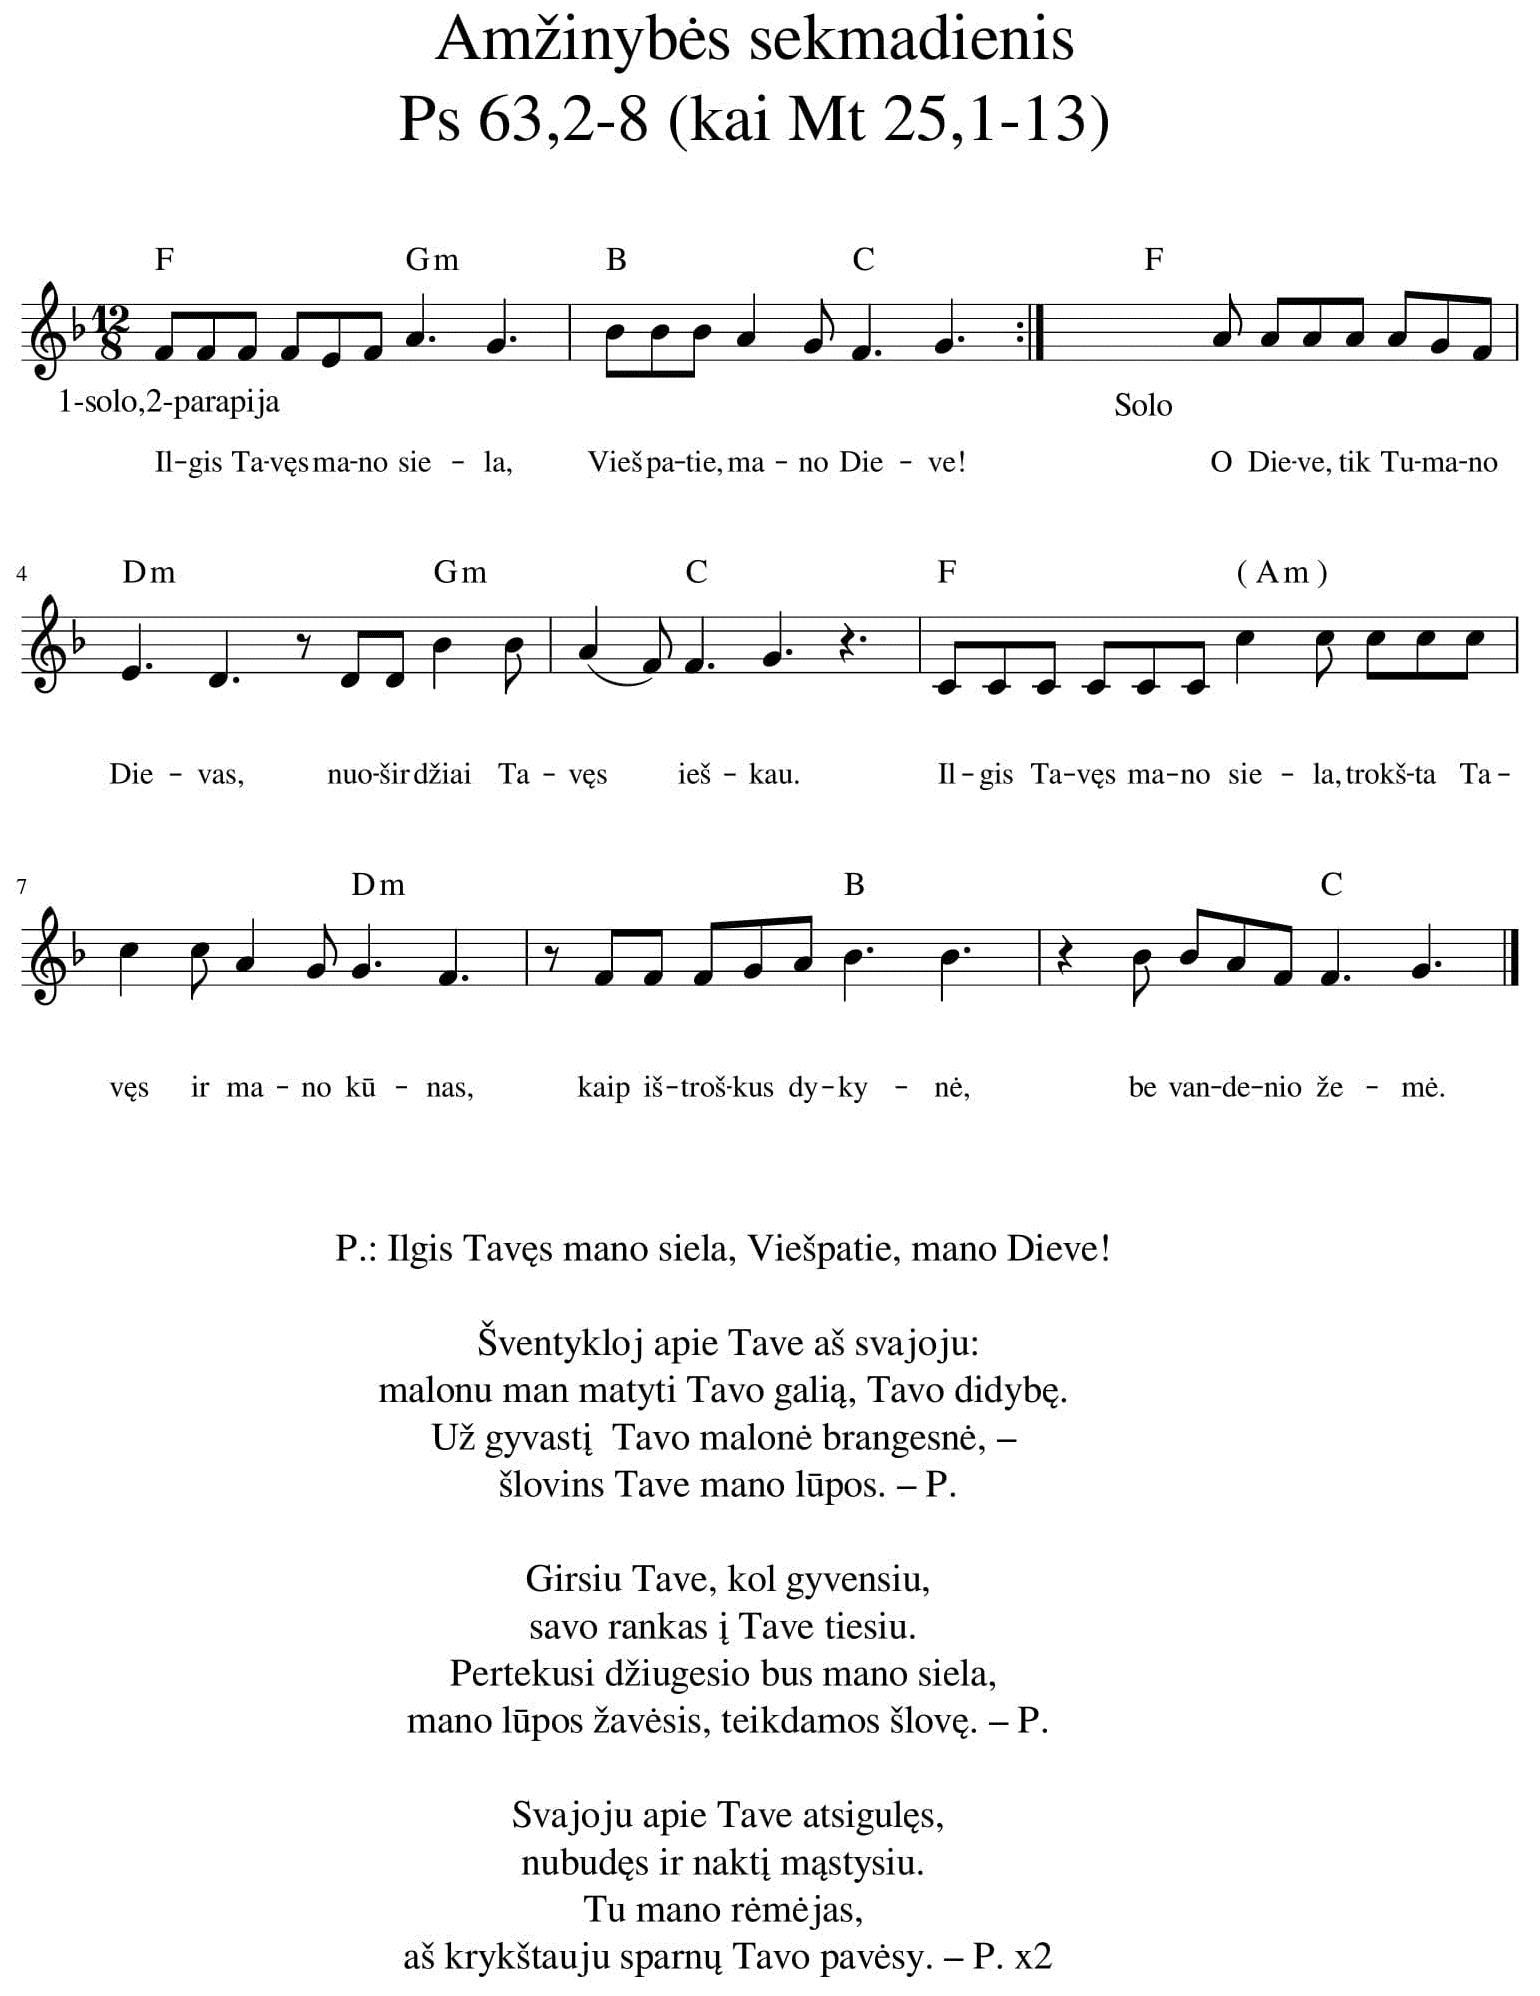 Amžinybės sekmadienis. Ps 63,2-8 (kai Mt 25,1-13)